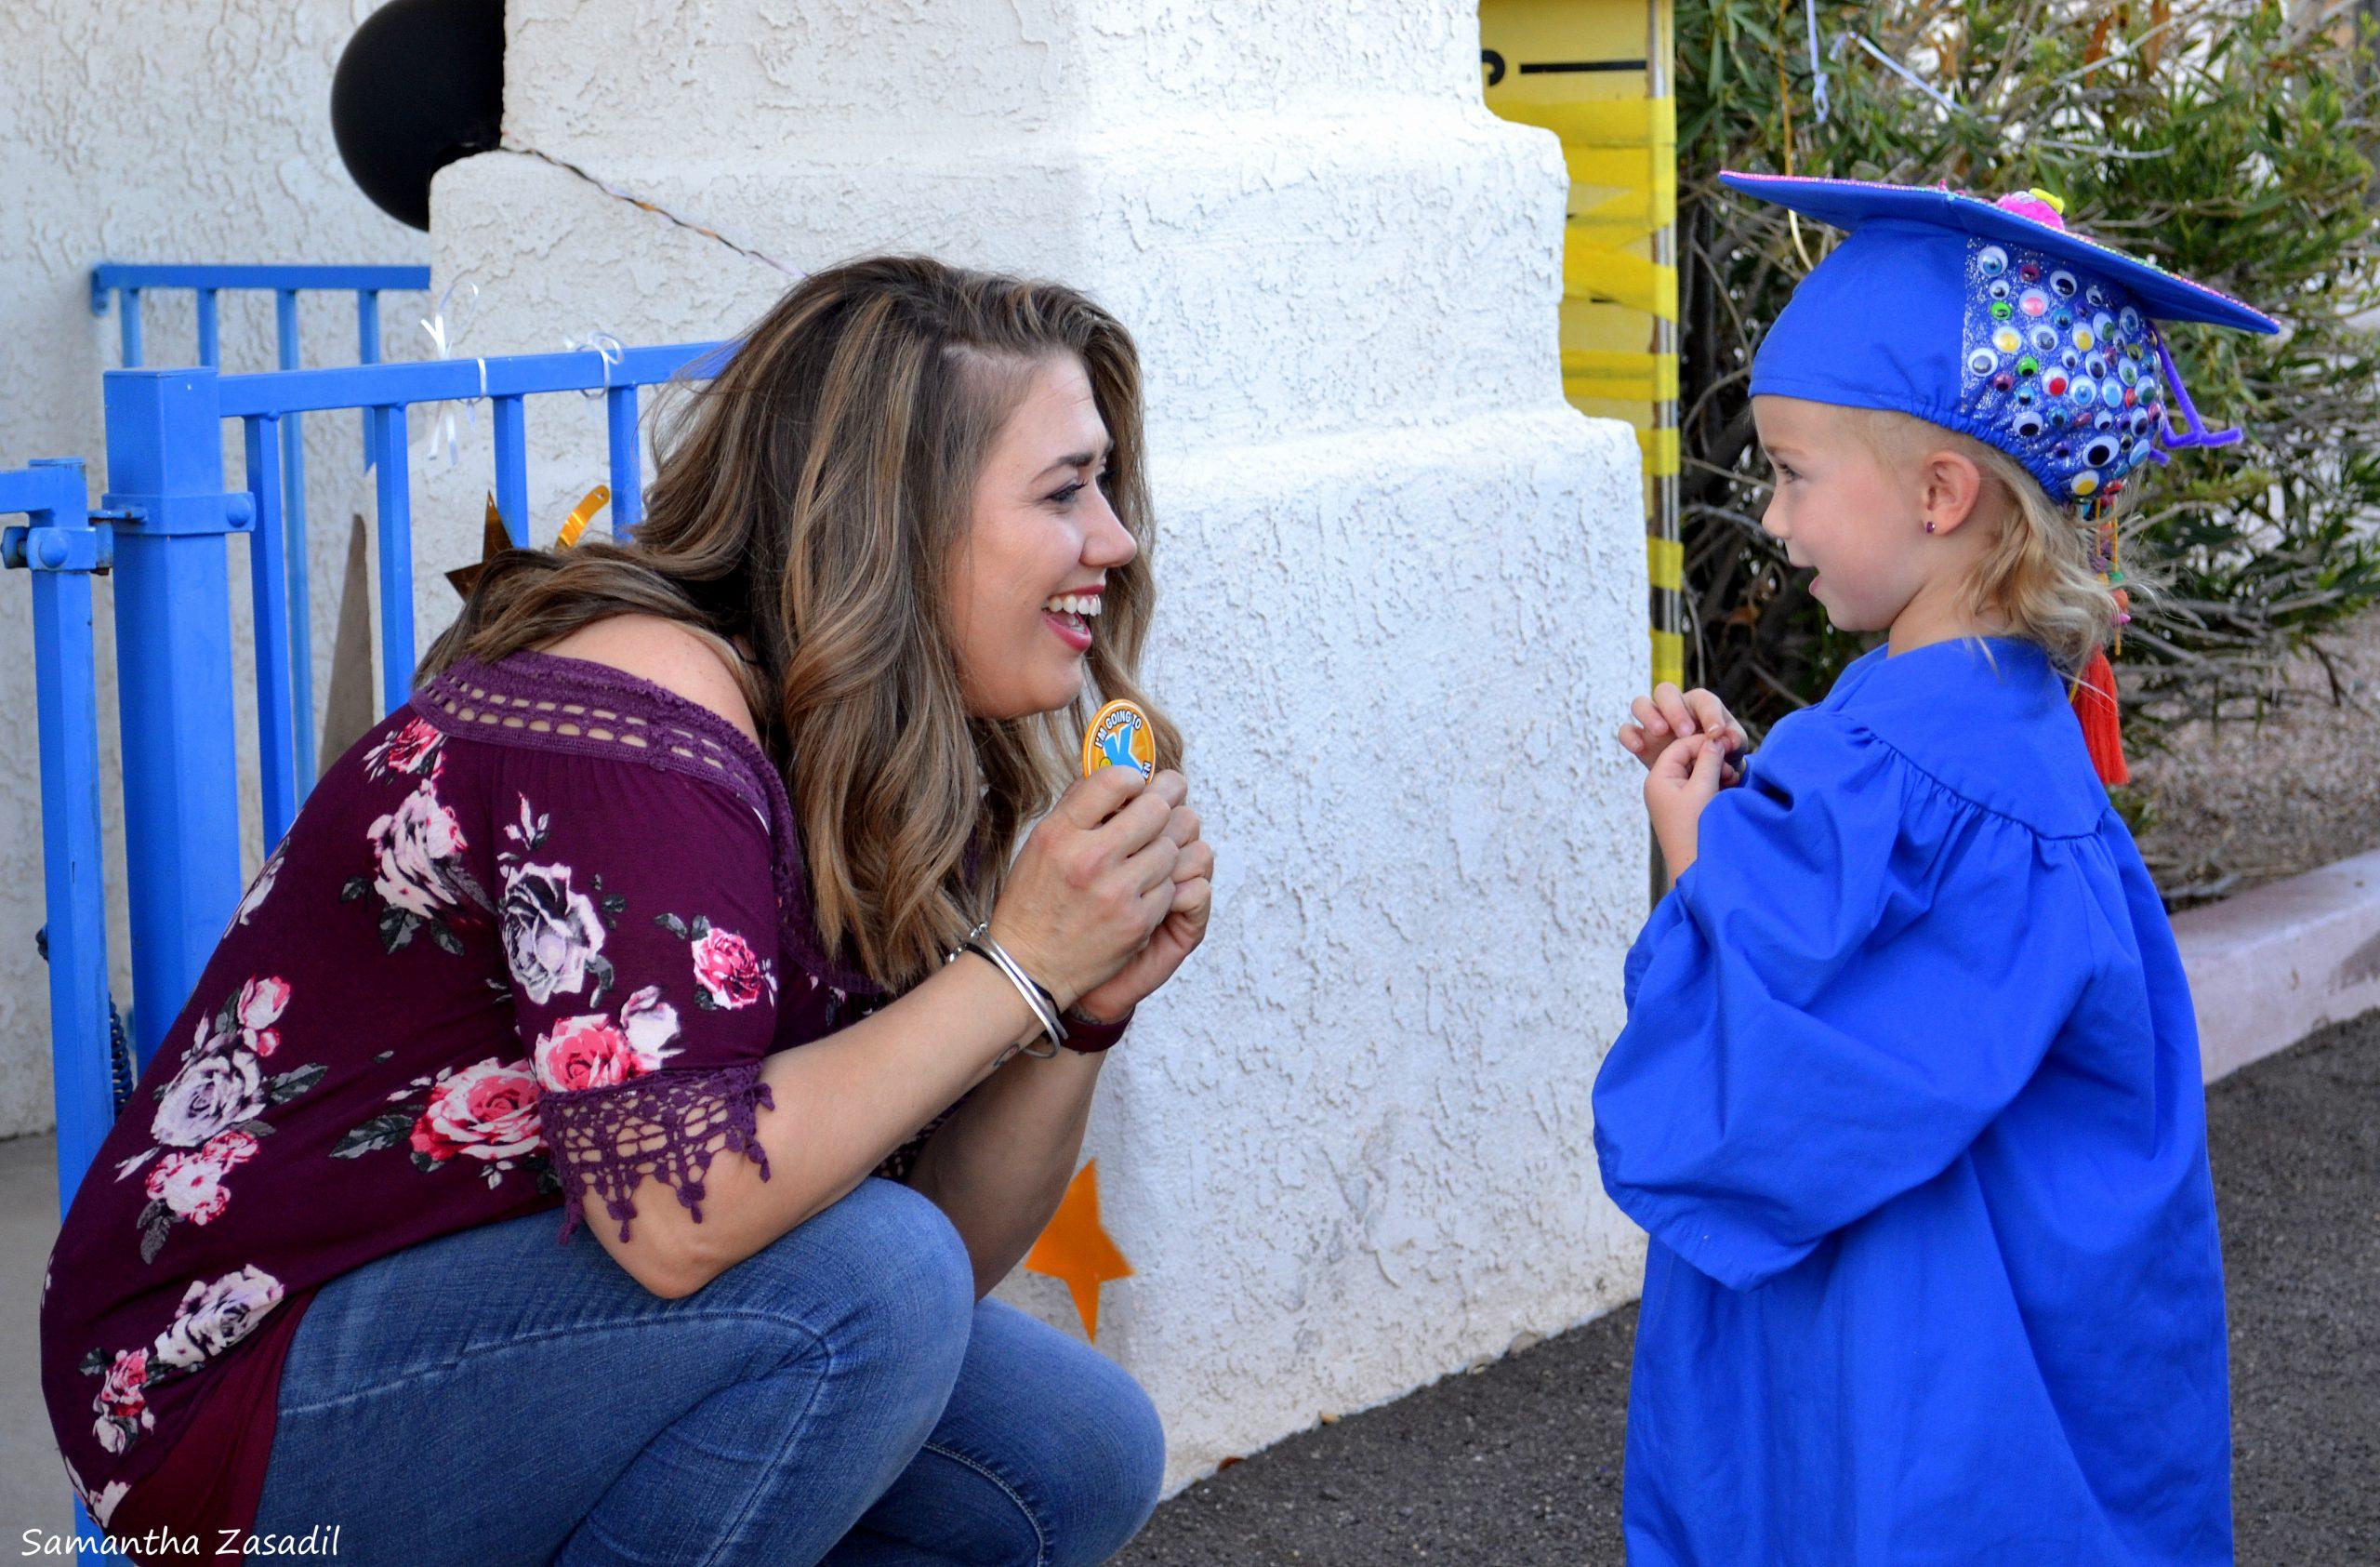 Preschooler's Graduate From New Day School